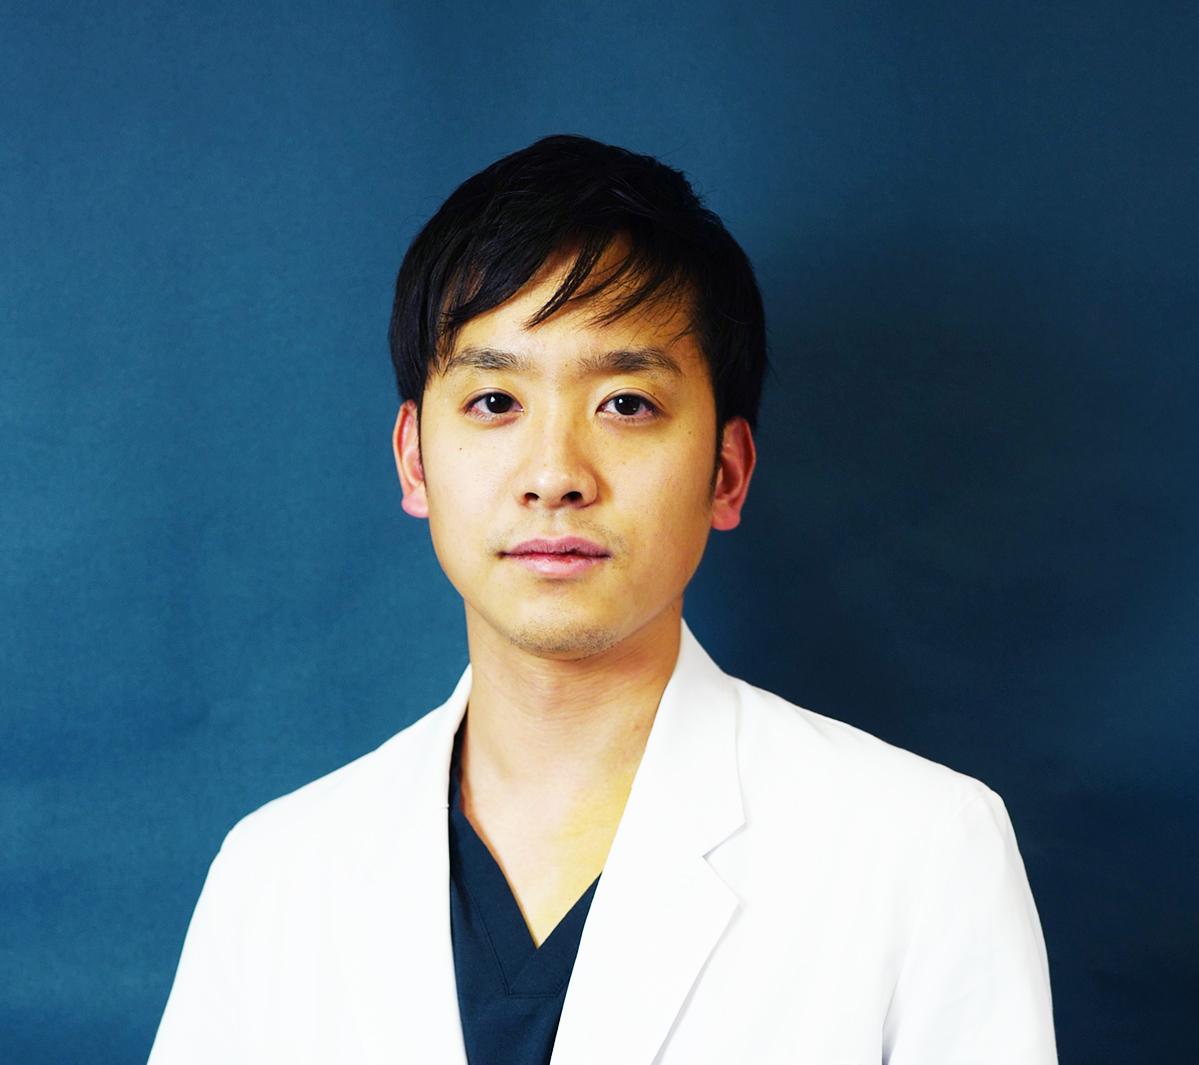 松本 光平 | 北海道大学 大学院医学研究院 眼科学教室